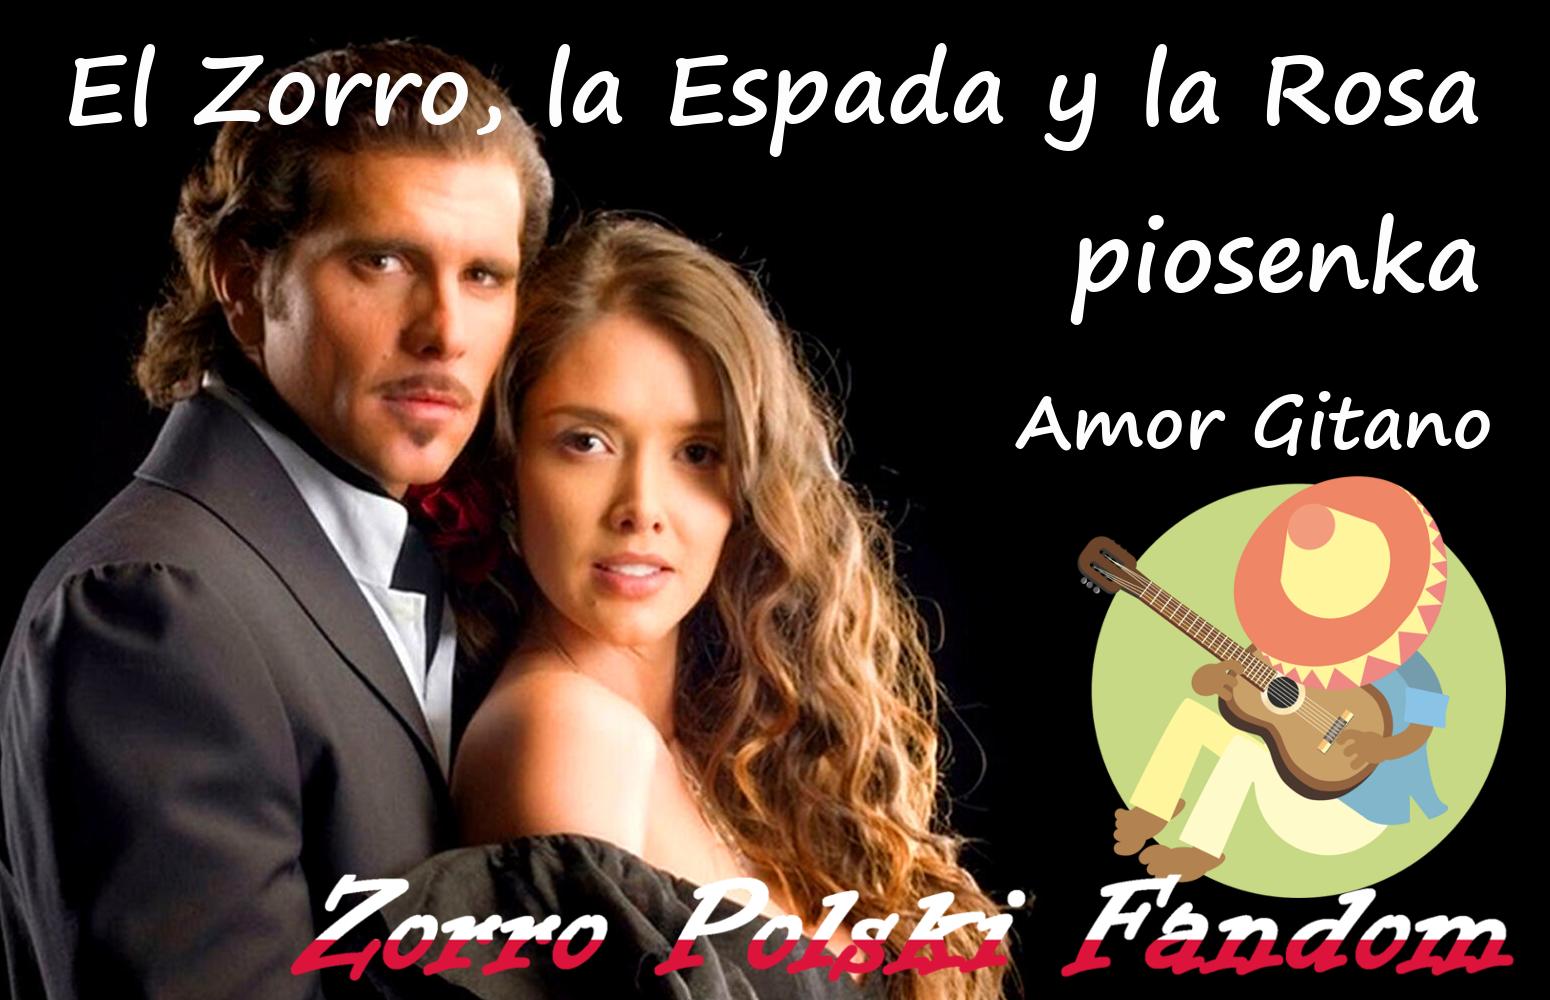 El Zorro, la Espada y la Rosa piosenka Amor Gitano PL